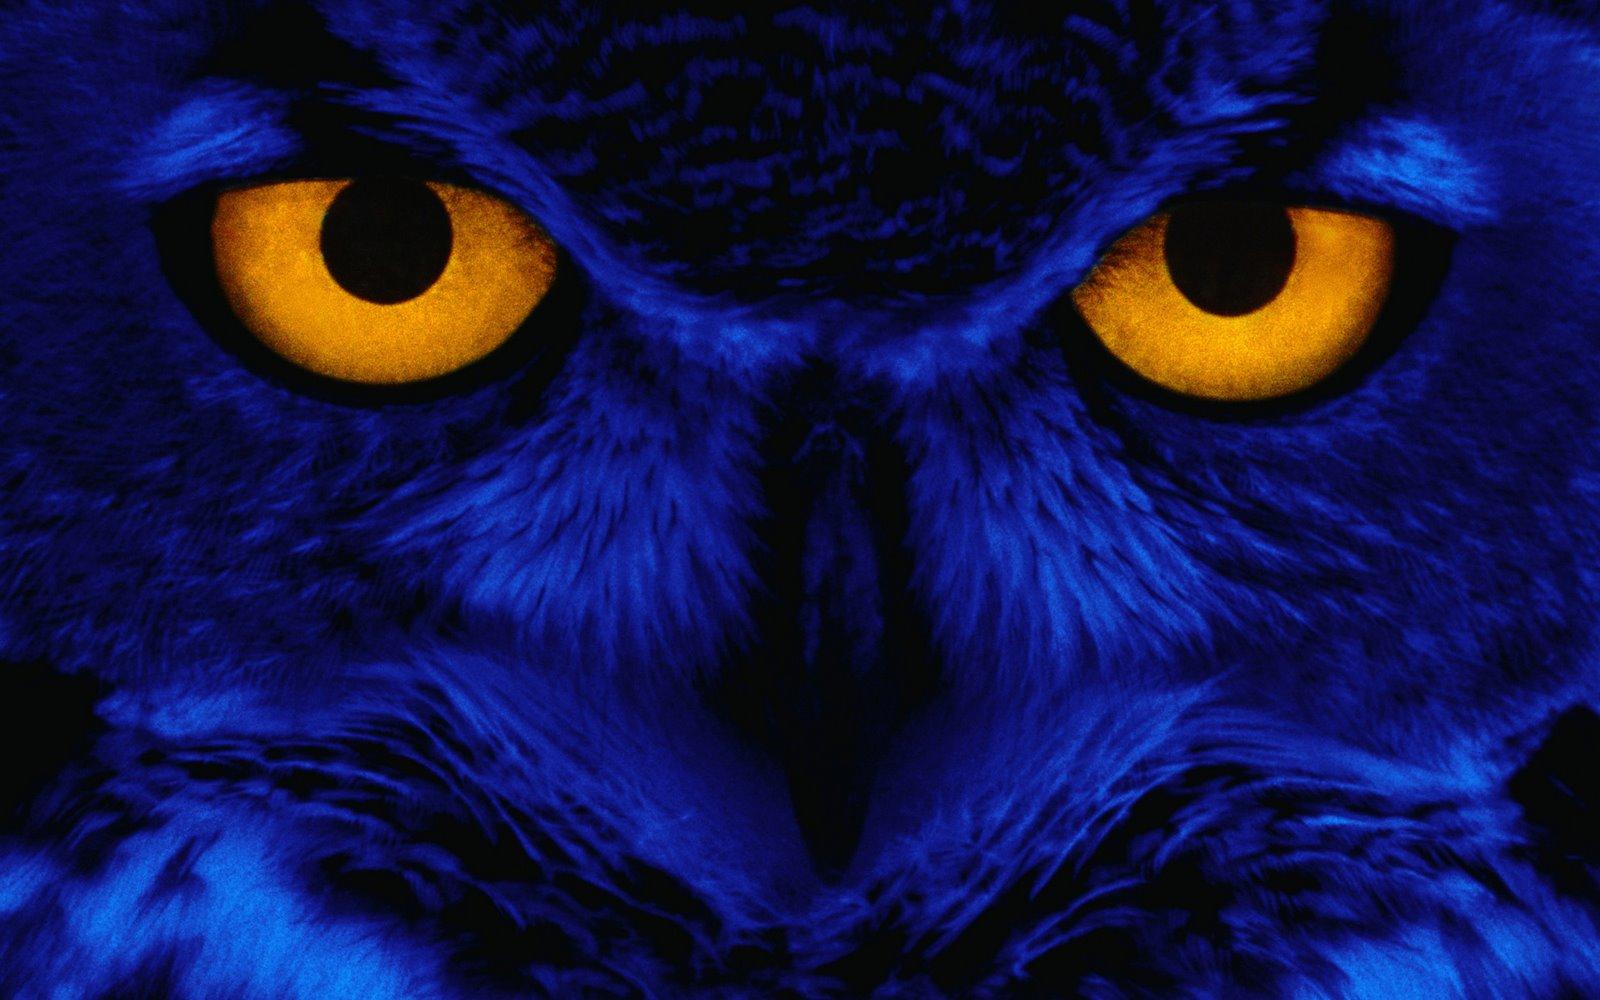 Halloween Wallpaper 1592 1600x1000 px ~ HDWallSource.com